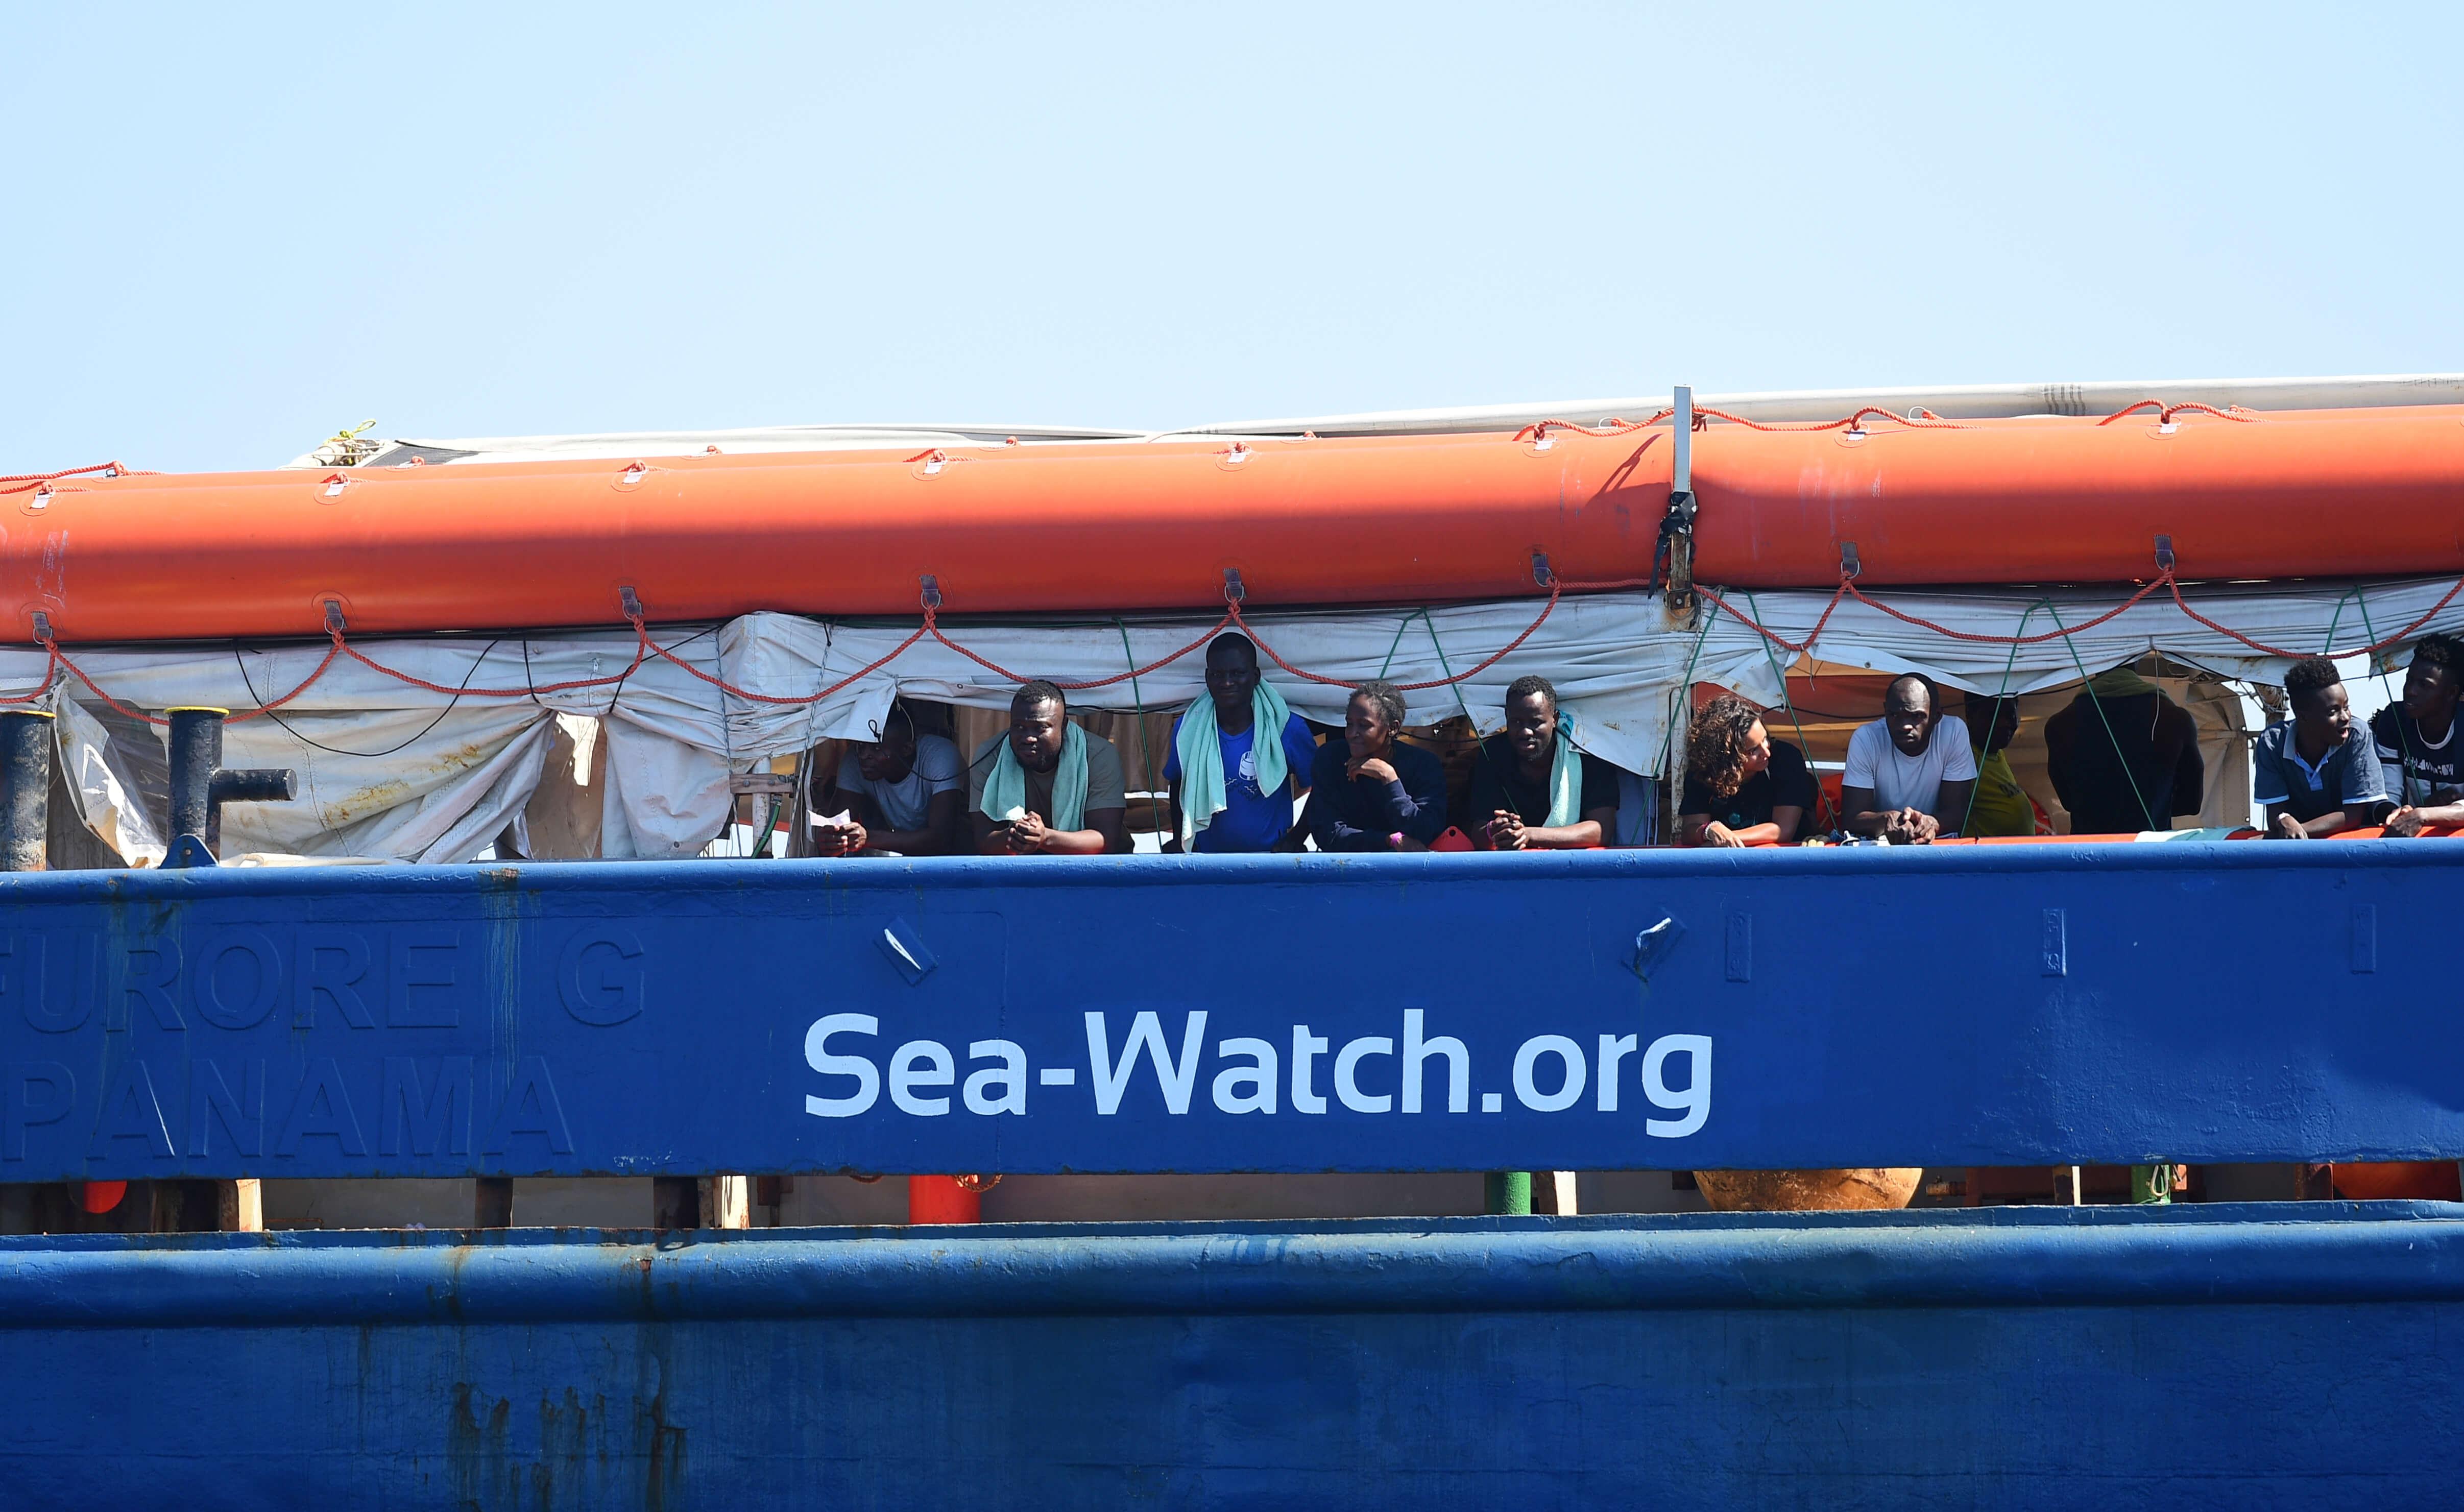 Το Sea Watch αγνοεί τον Σαλβίνι και εισέρχεται στα ιταλικά χωρικά ύδατα – video